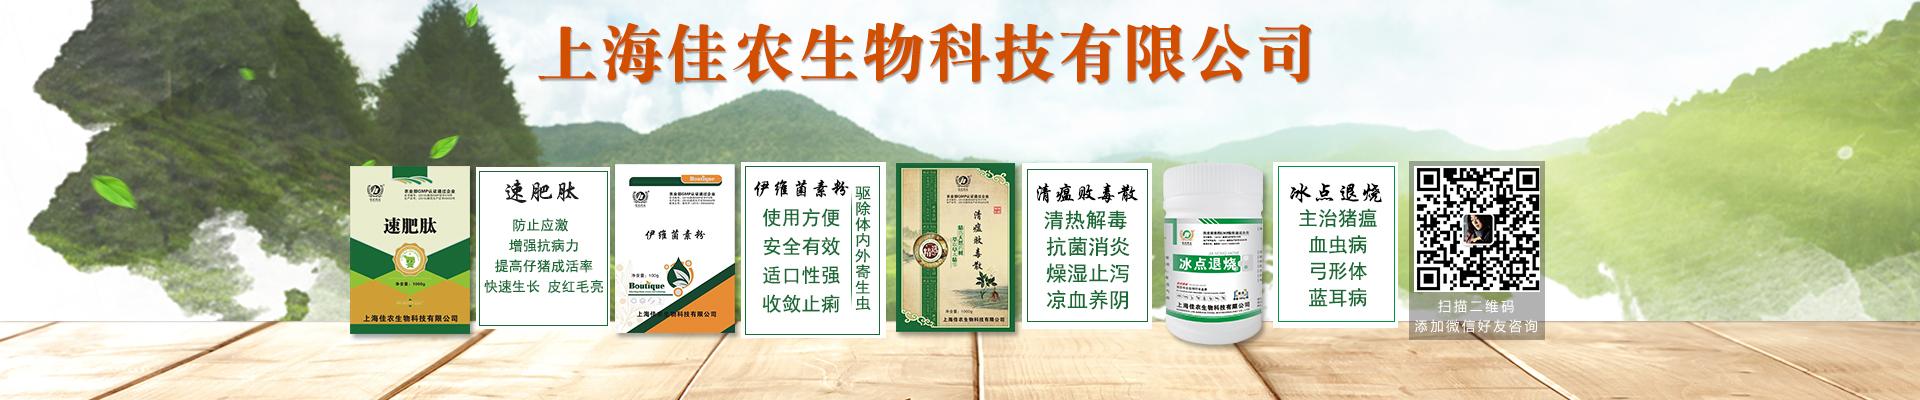 上海佳农生物科技有限公司